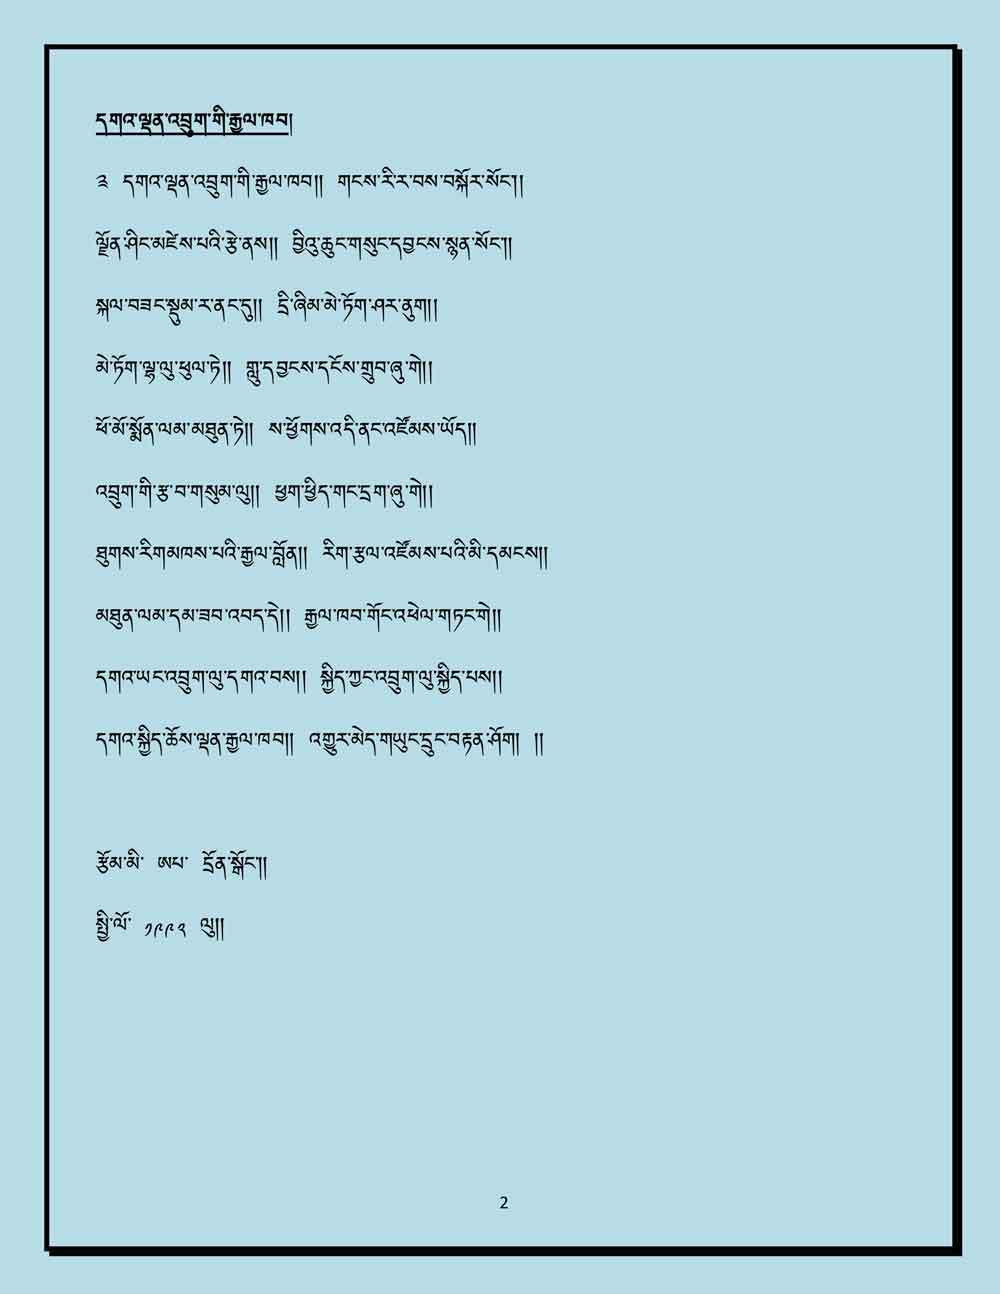 Ap-Dengo-Lyrics-2.jpg